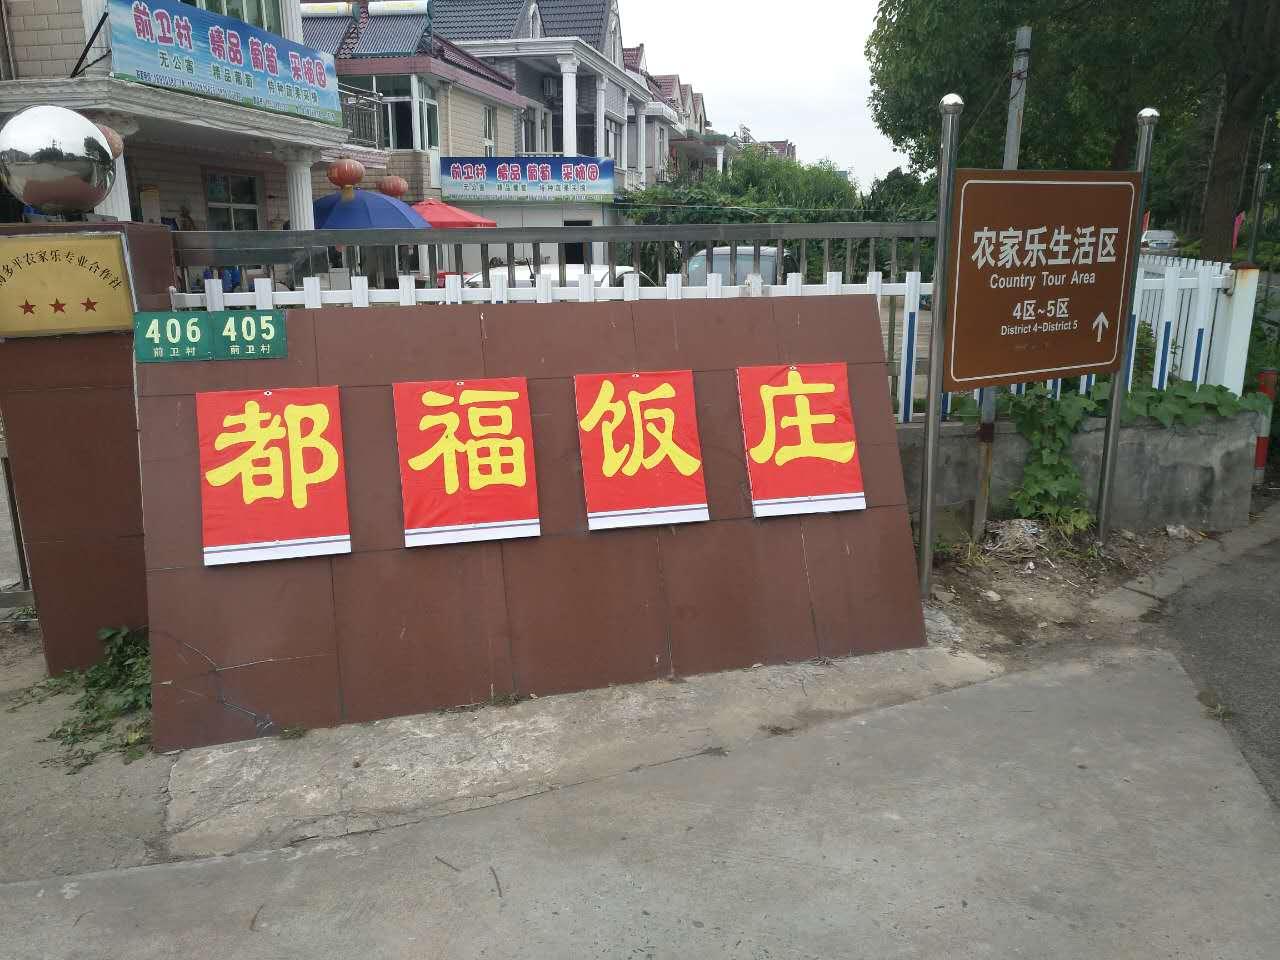 上海崇明农家乐|崇明岛前卫村农家乐|崇明农家乐二日游|崇明前卫村农家乐-上海都福饭庄